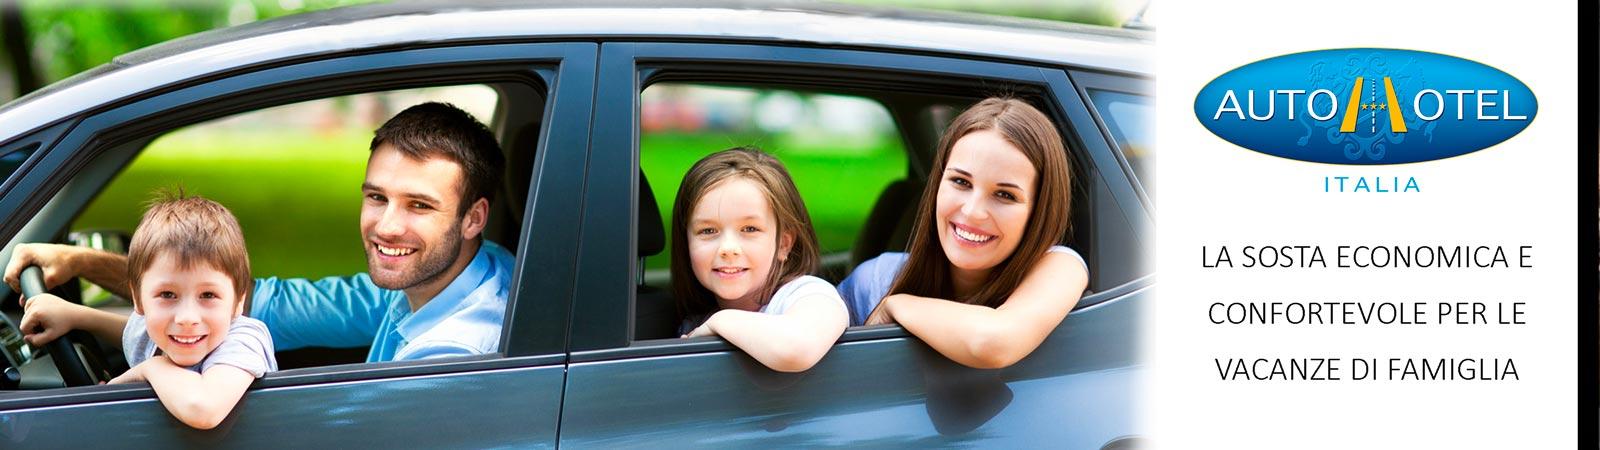 Autohotel - ideale per chi viaggia con la famiglia